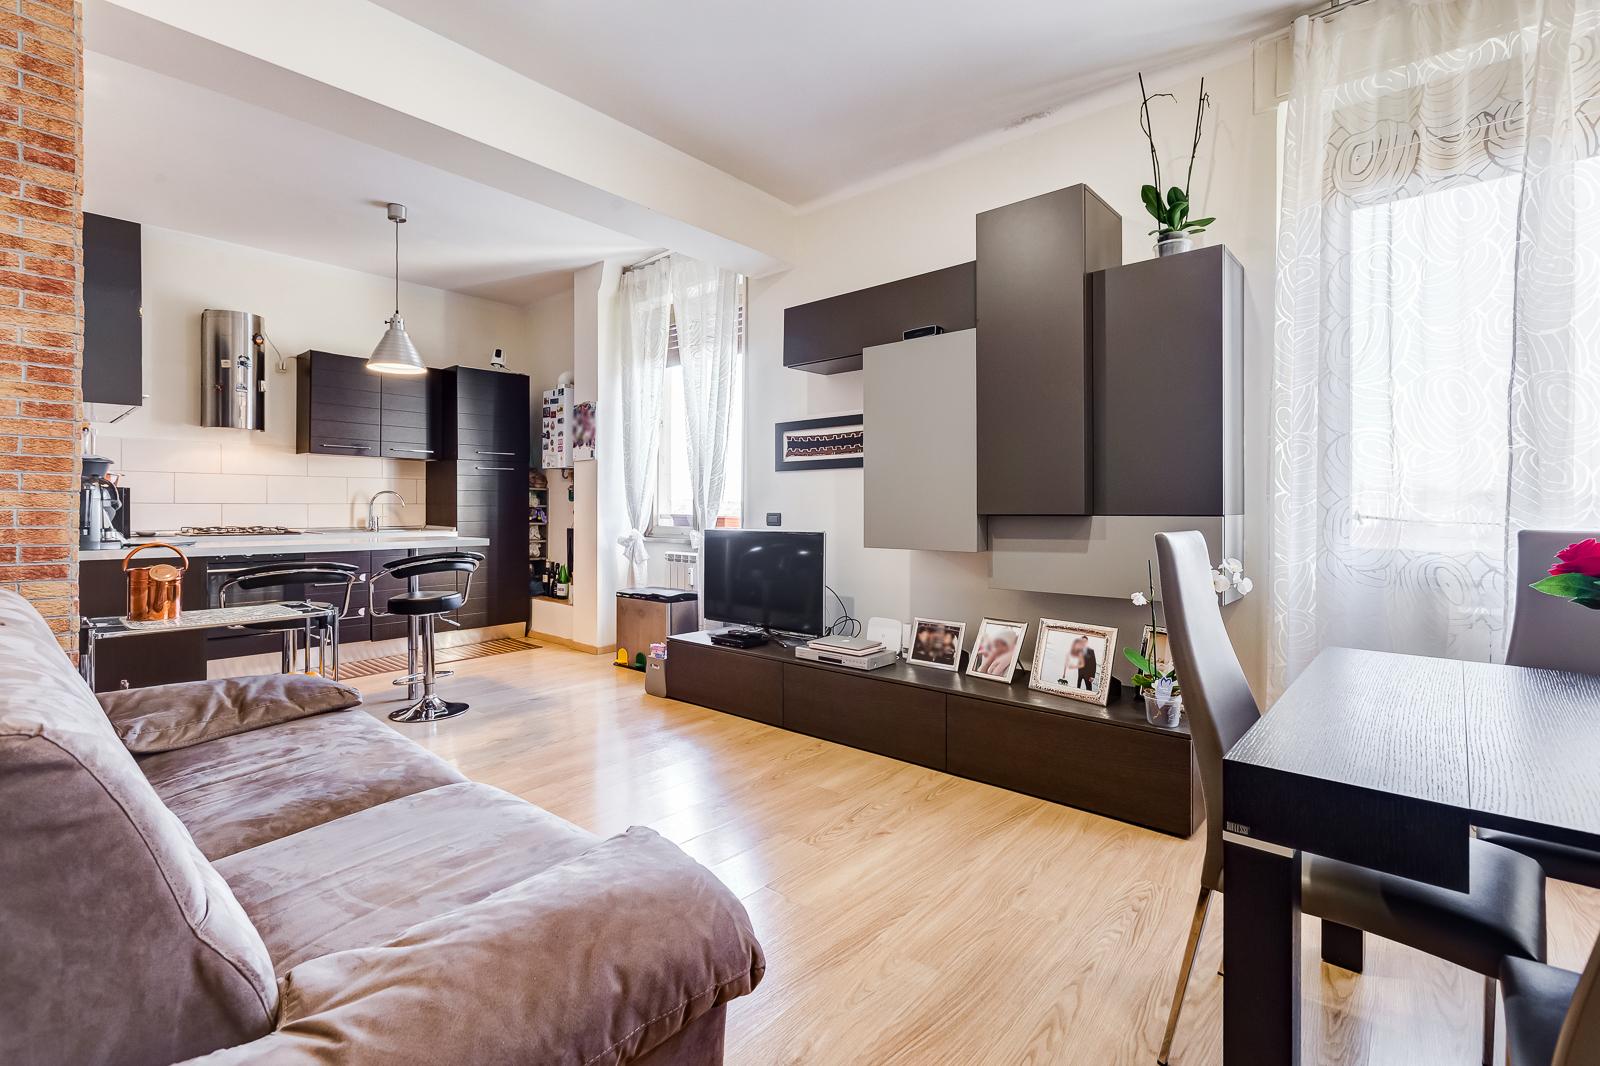 118117 Appartamento in vendita Roma Colli Albani, Furio Camillo